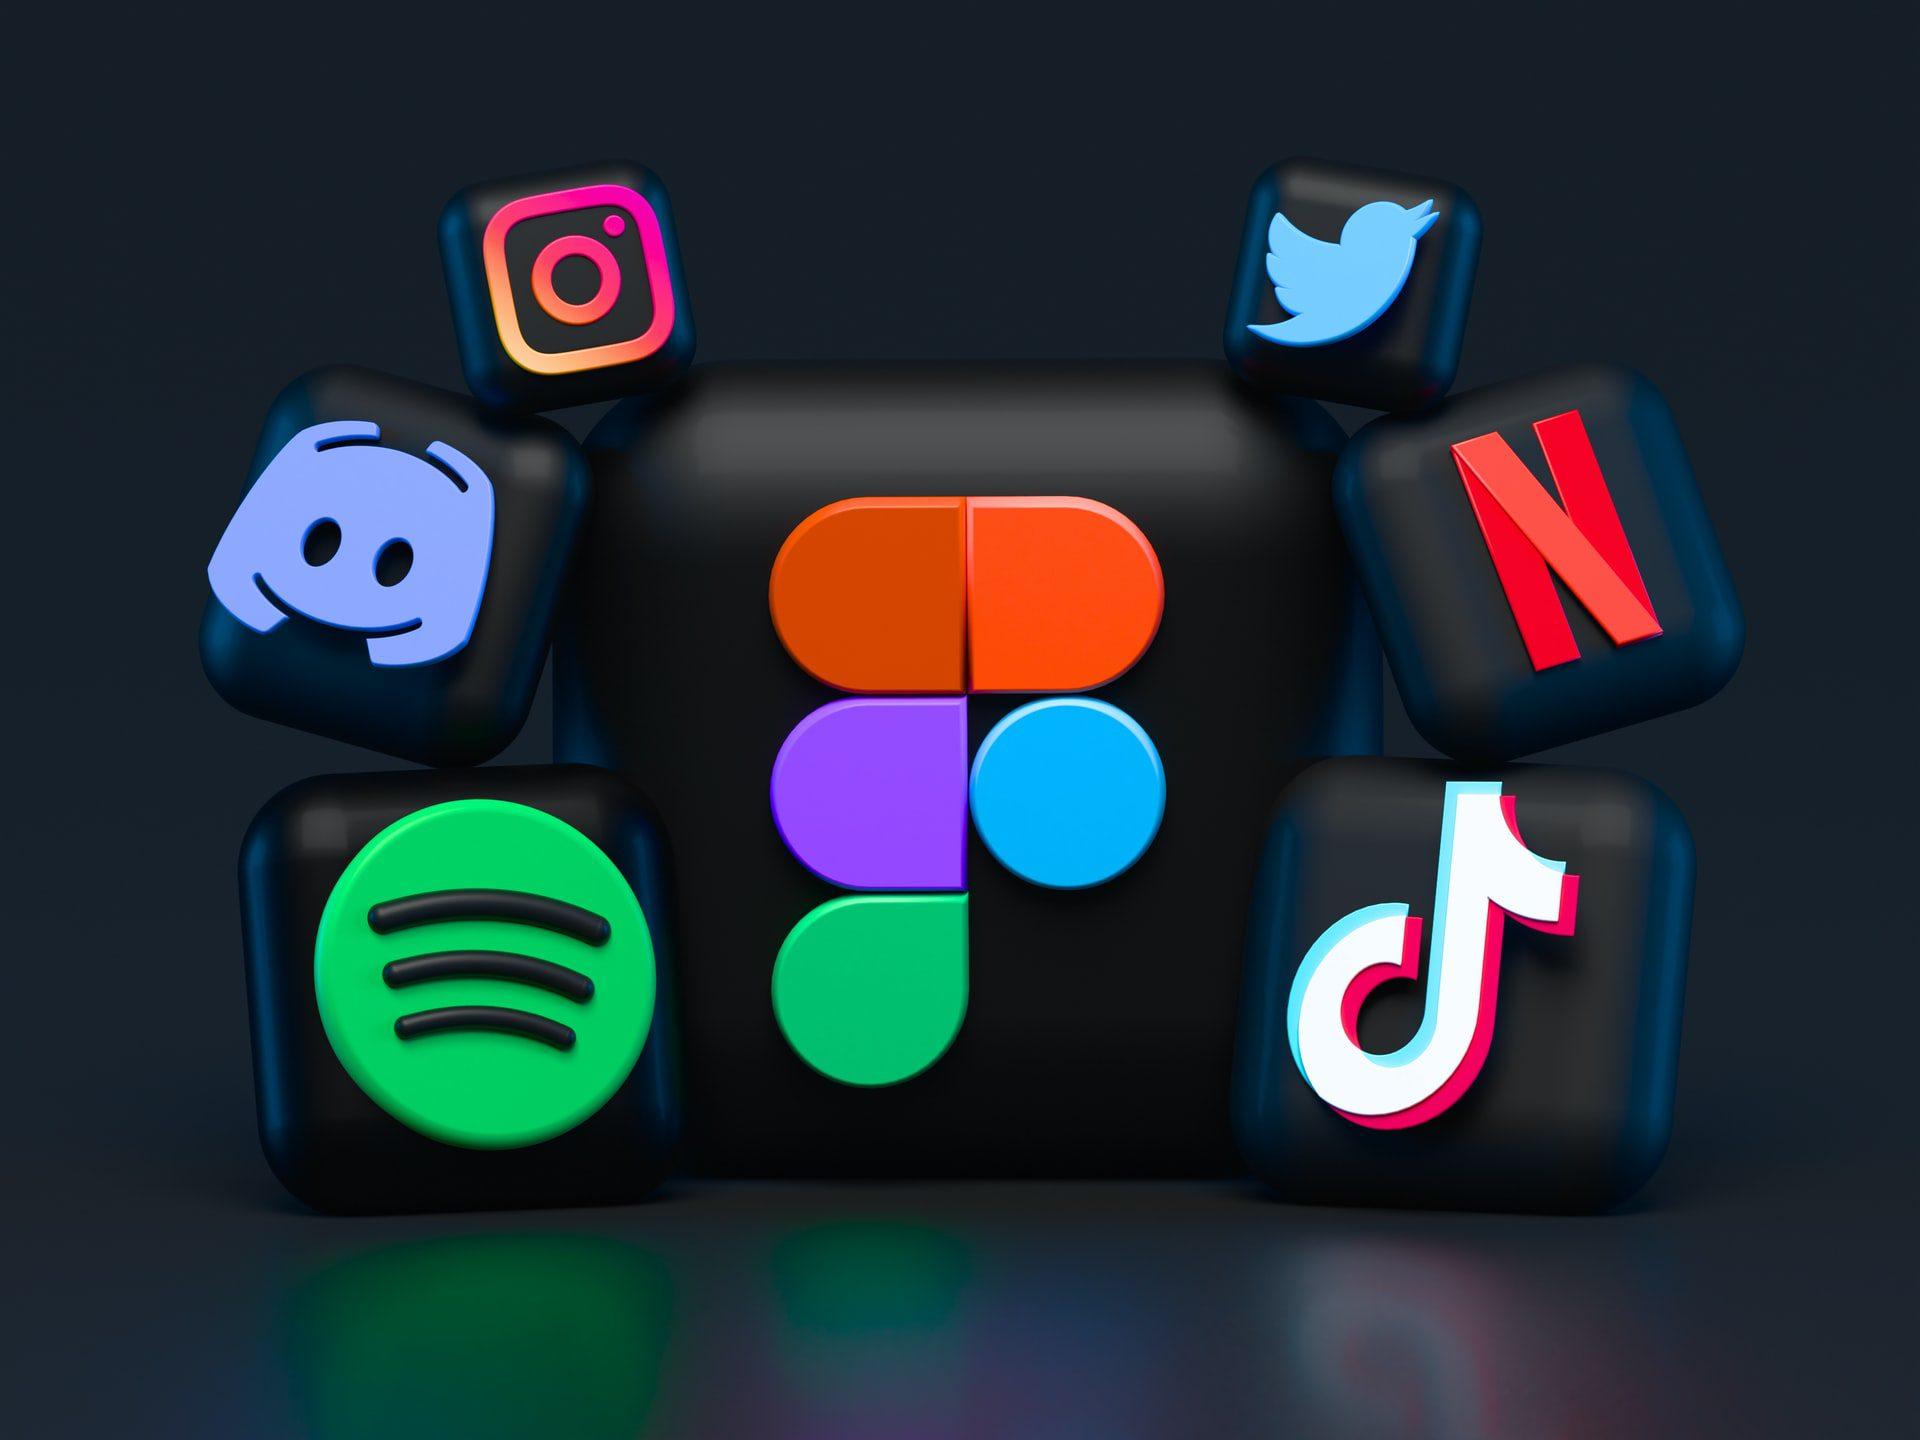 Imagem reúne logos de aplicativos e redes sociais como Spotify,TikTok,Netflix,Twitter e Instagram. Todos usam algoritmos